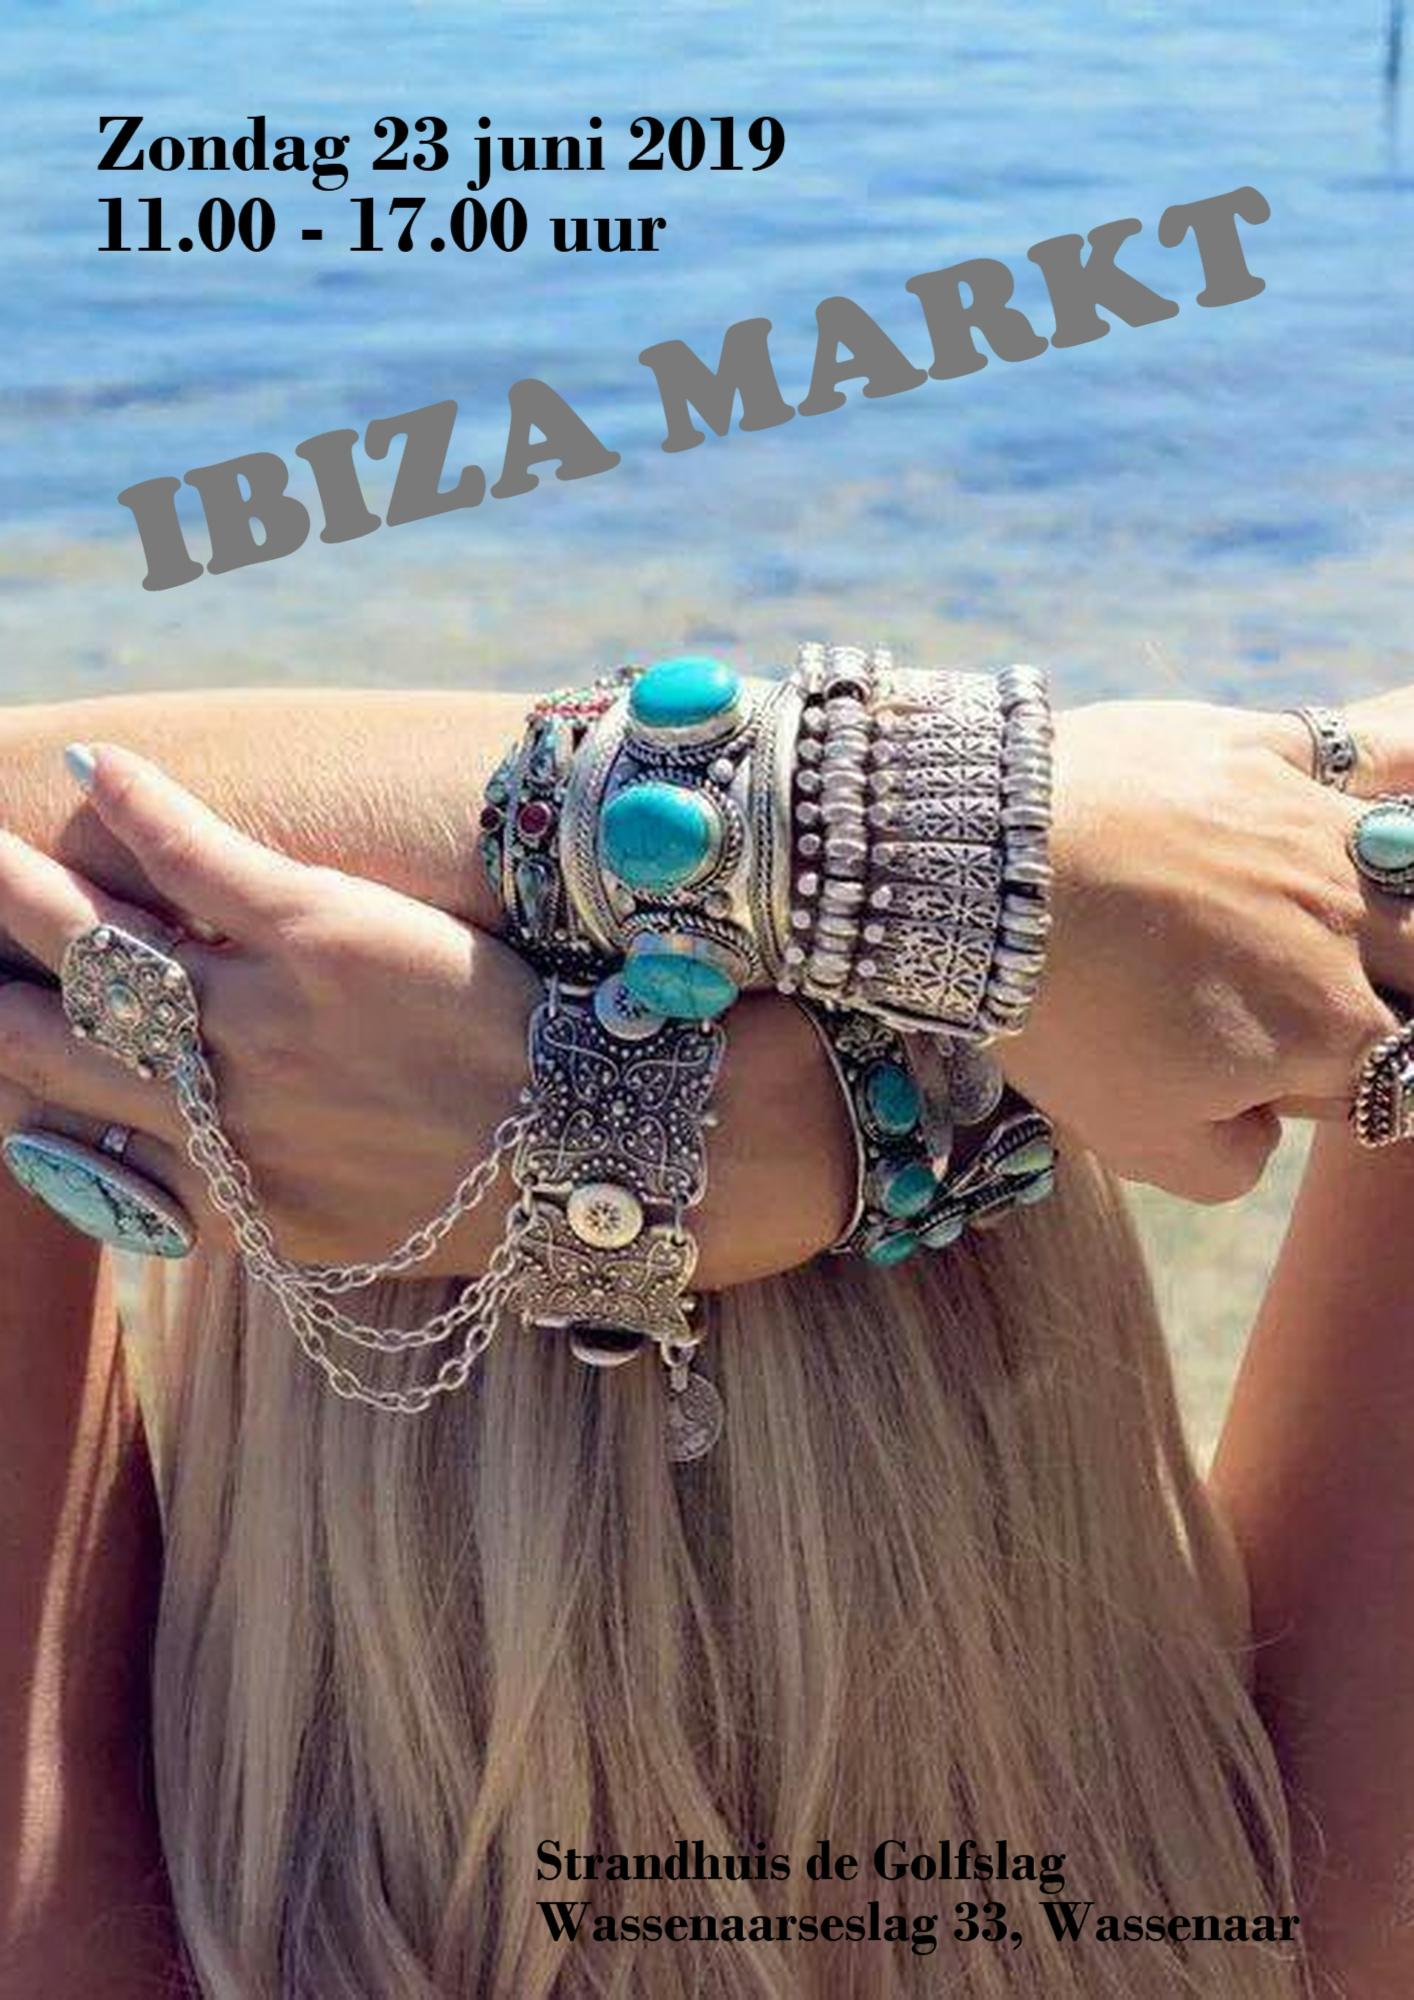 Ibiza markt 2019 strandhuis De Golfslag